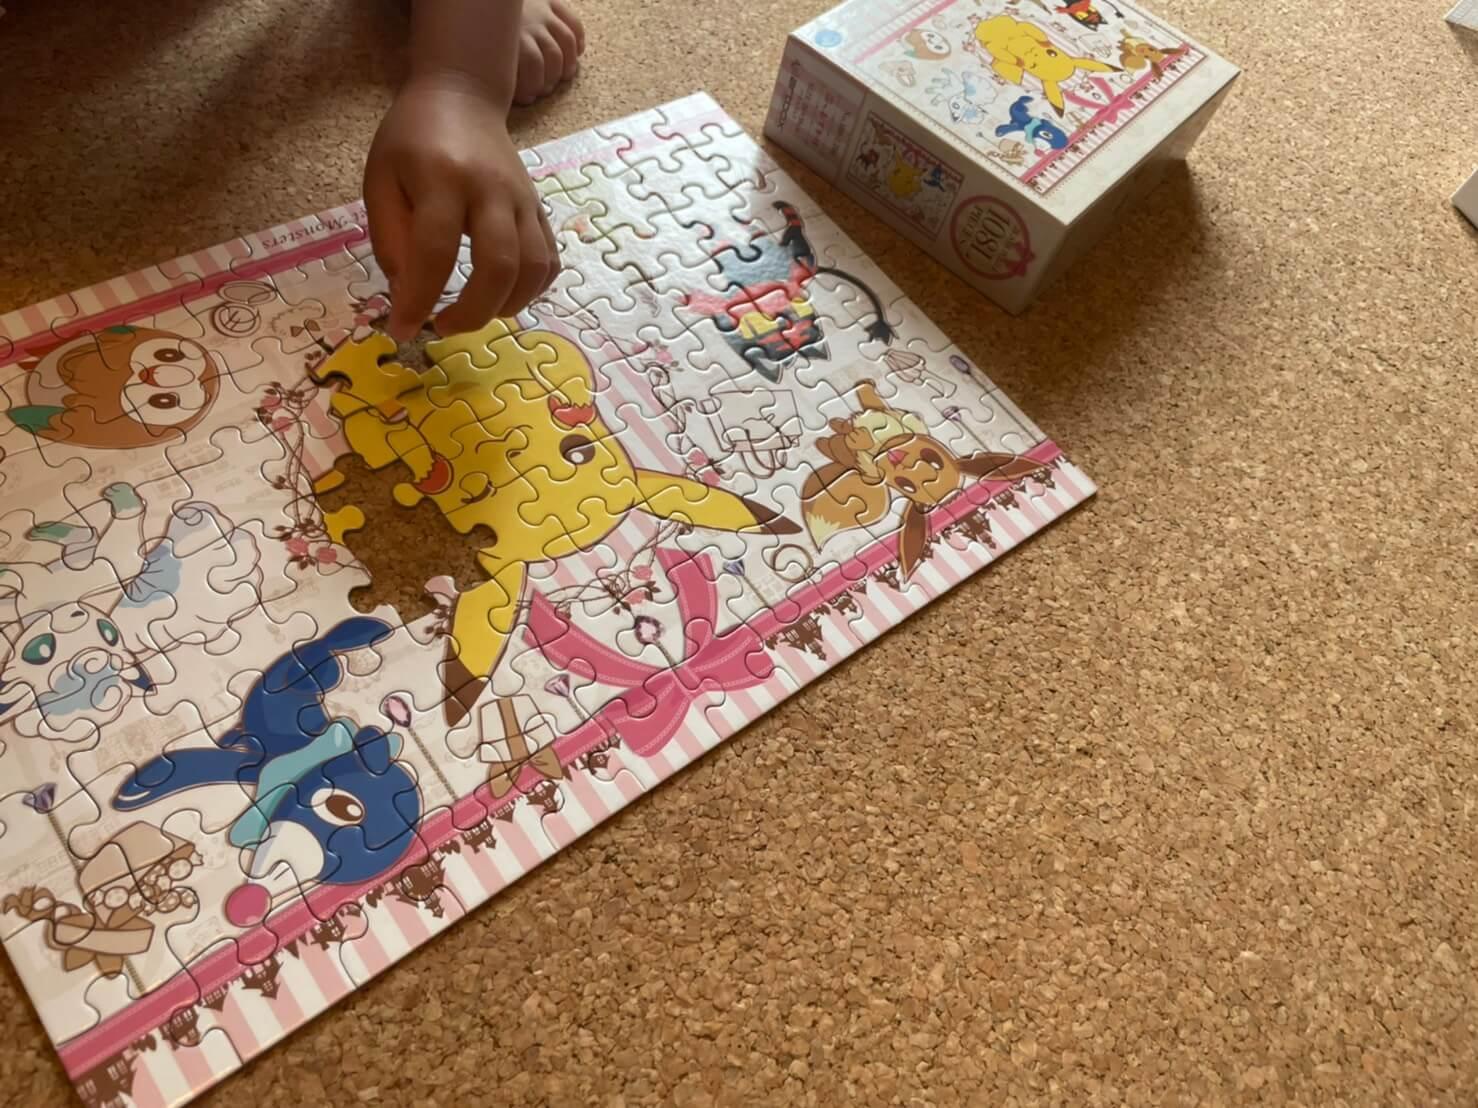 パズルをする子ども